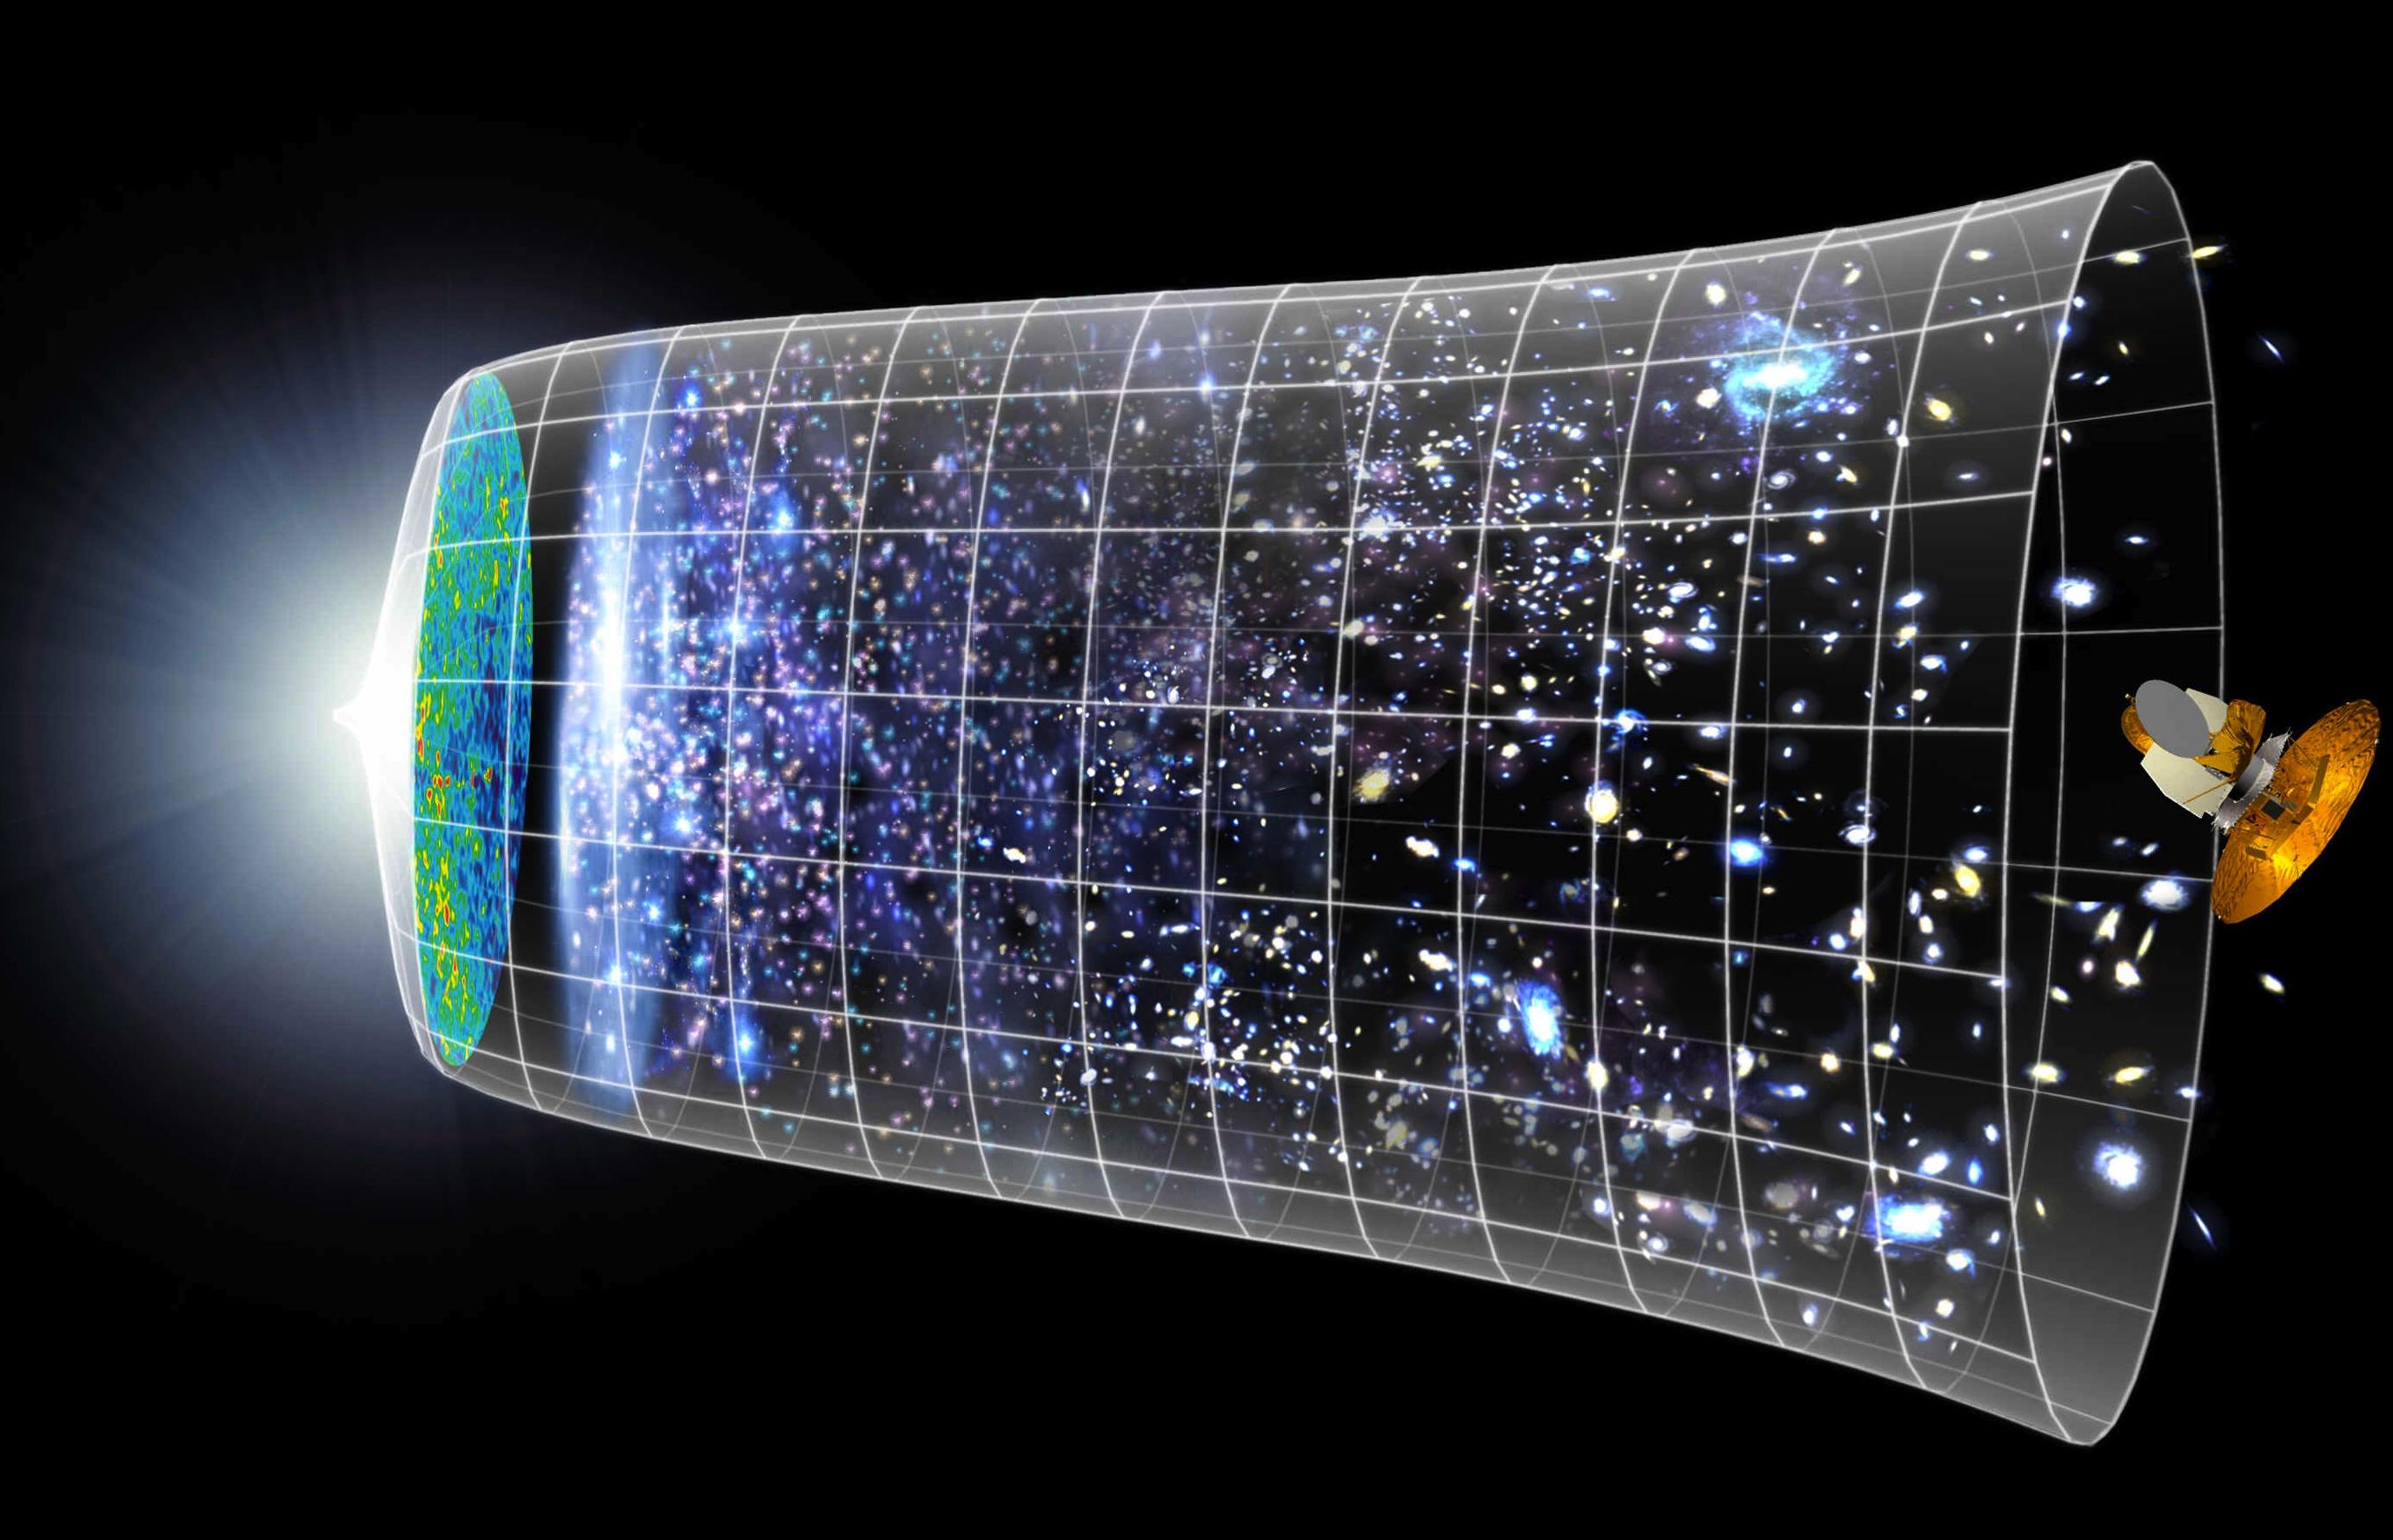 위성 관측 결과, 우주가 초기에 급팽창한 뒤 현재까지 진화해 온 것으로 추정한다. 과학자들은 빅뱅우주론을 더 완벽하게 만들려고 고심하는 중이다.